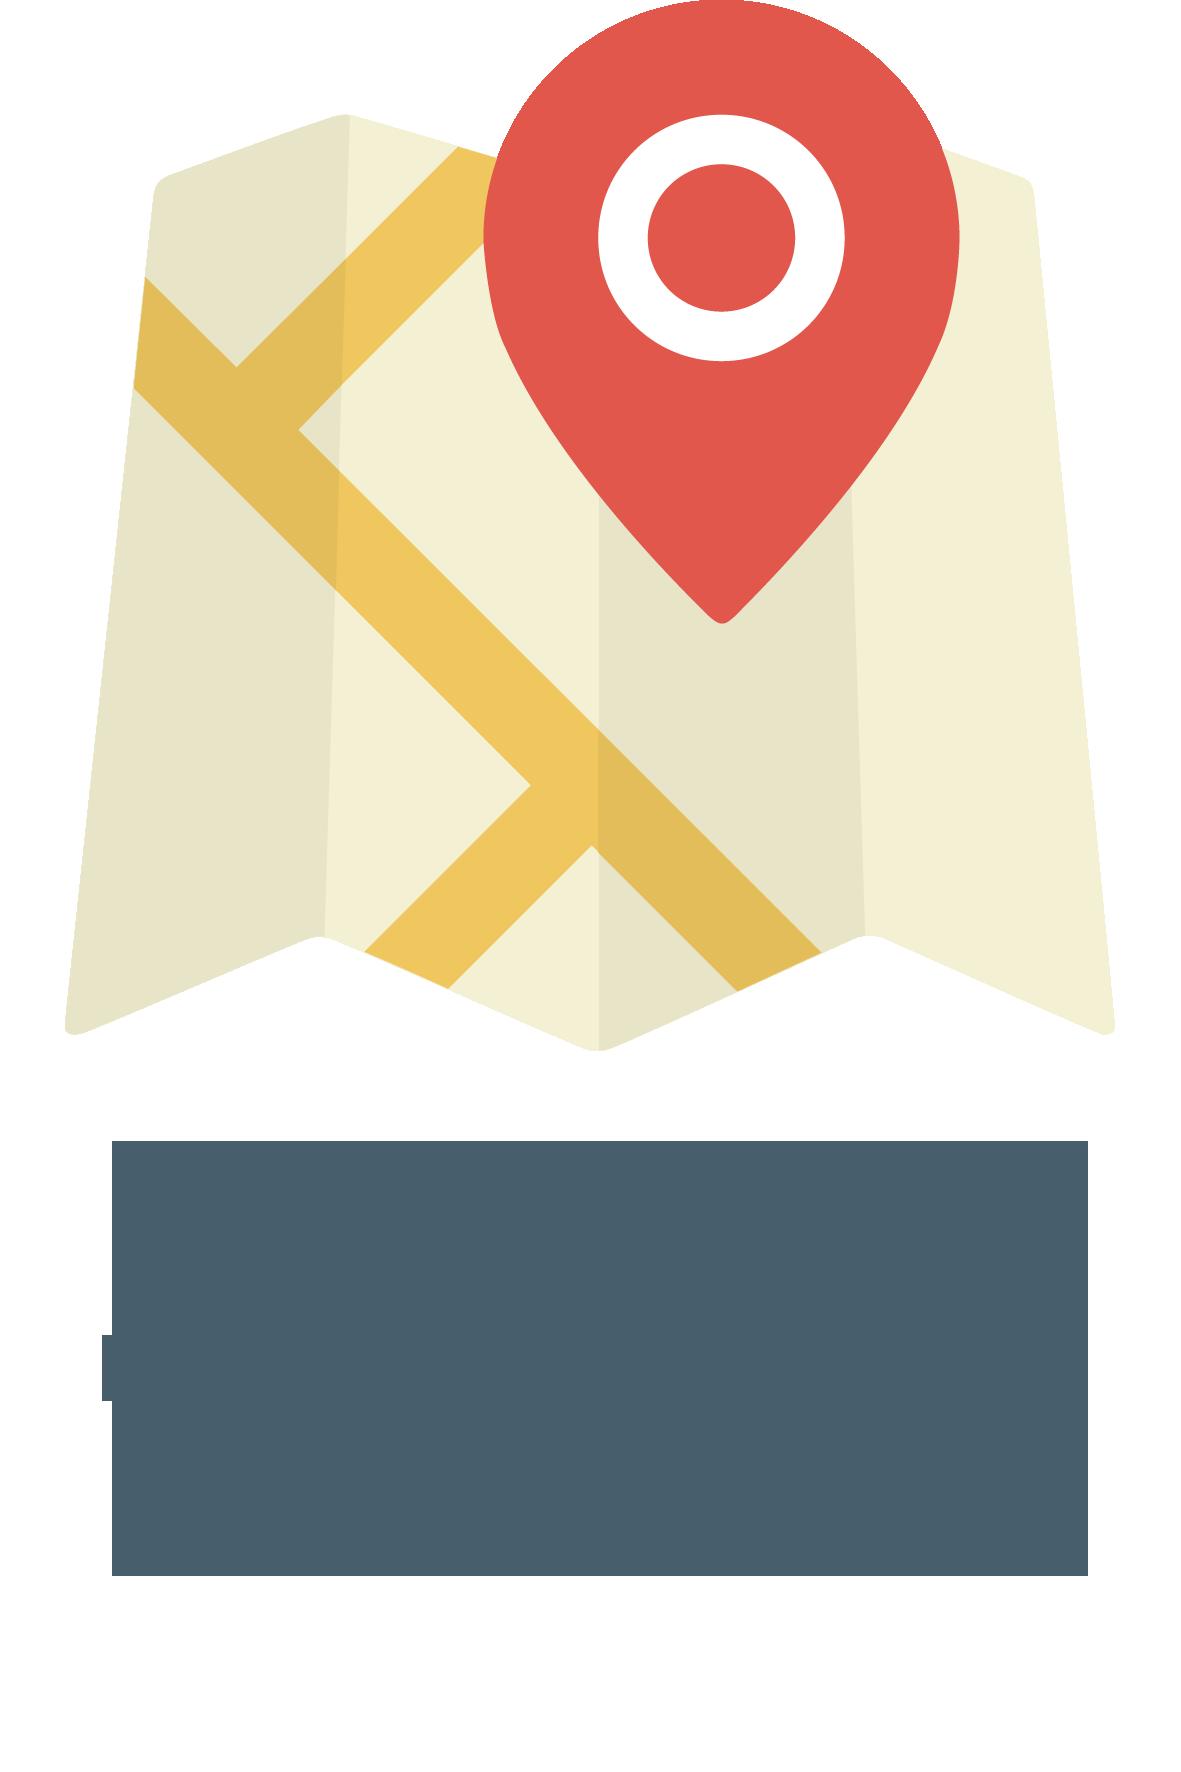 более 10 рек в списках наших маршрутов по сплавам на байдарках по рекам Беларуси